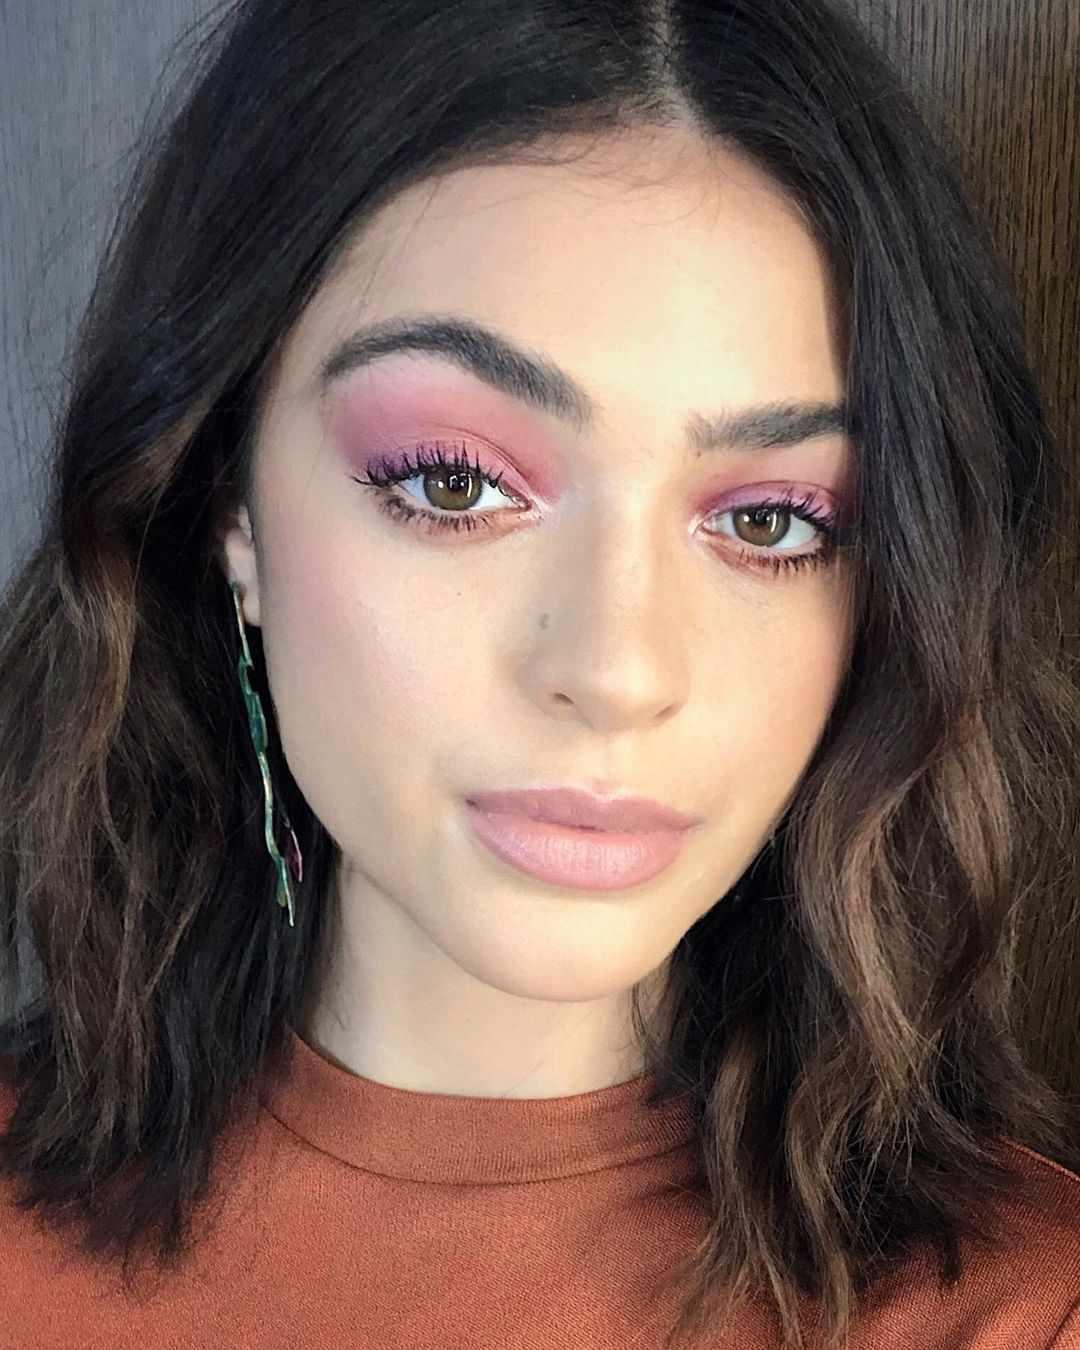 Luna Blaise wearing pastel pink eyeshadow